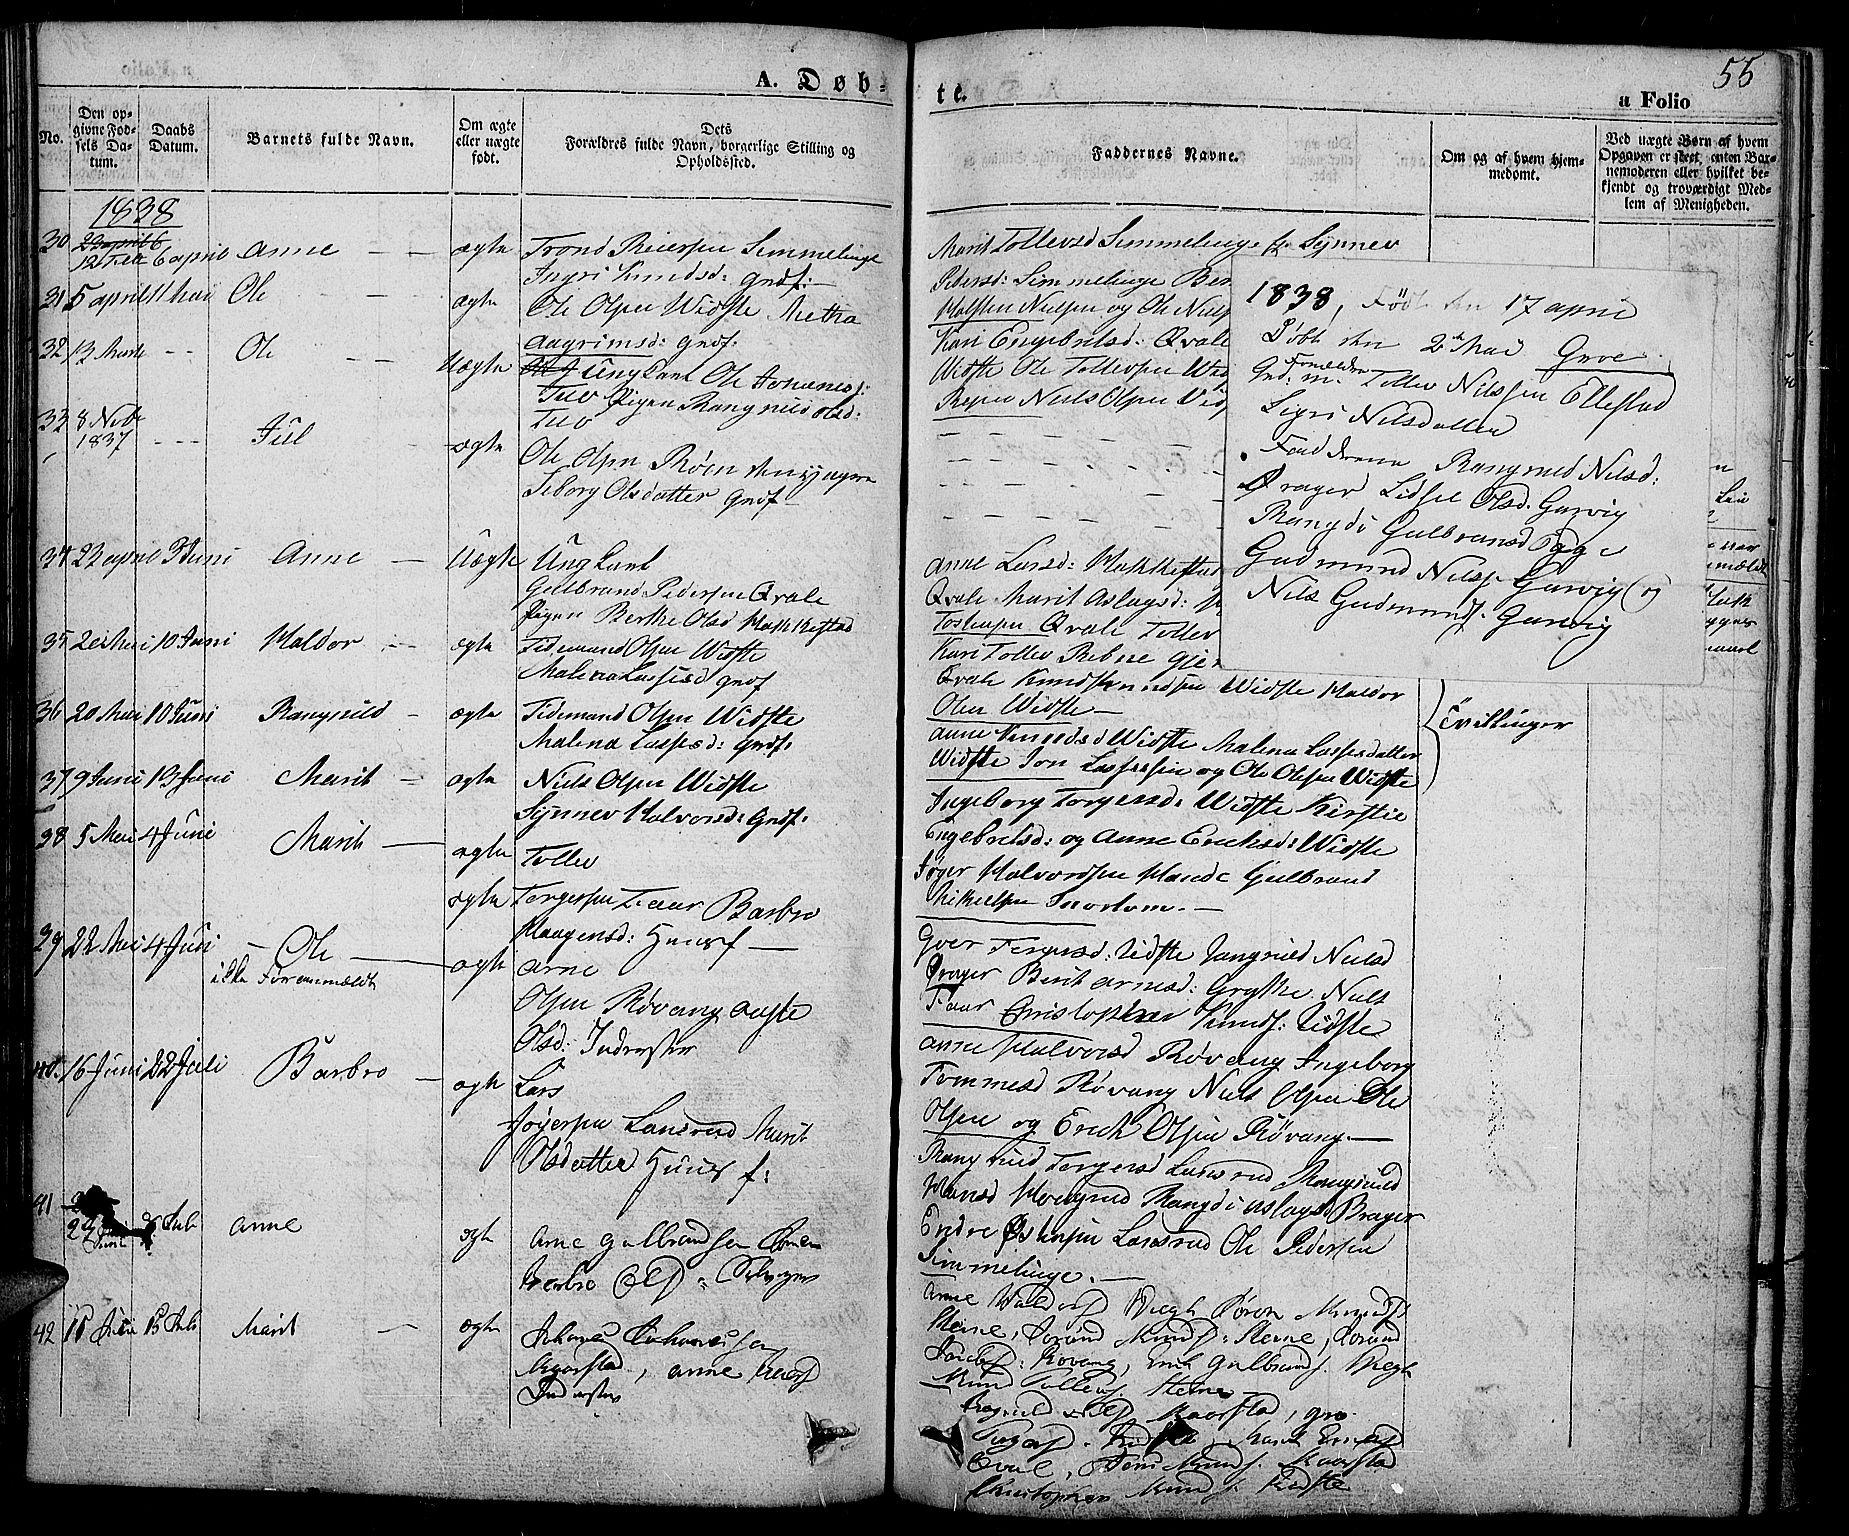 SAH, Slidre prestekontor, Ministerialbok nr. 3, 1831-1843, s. 55